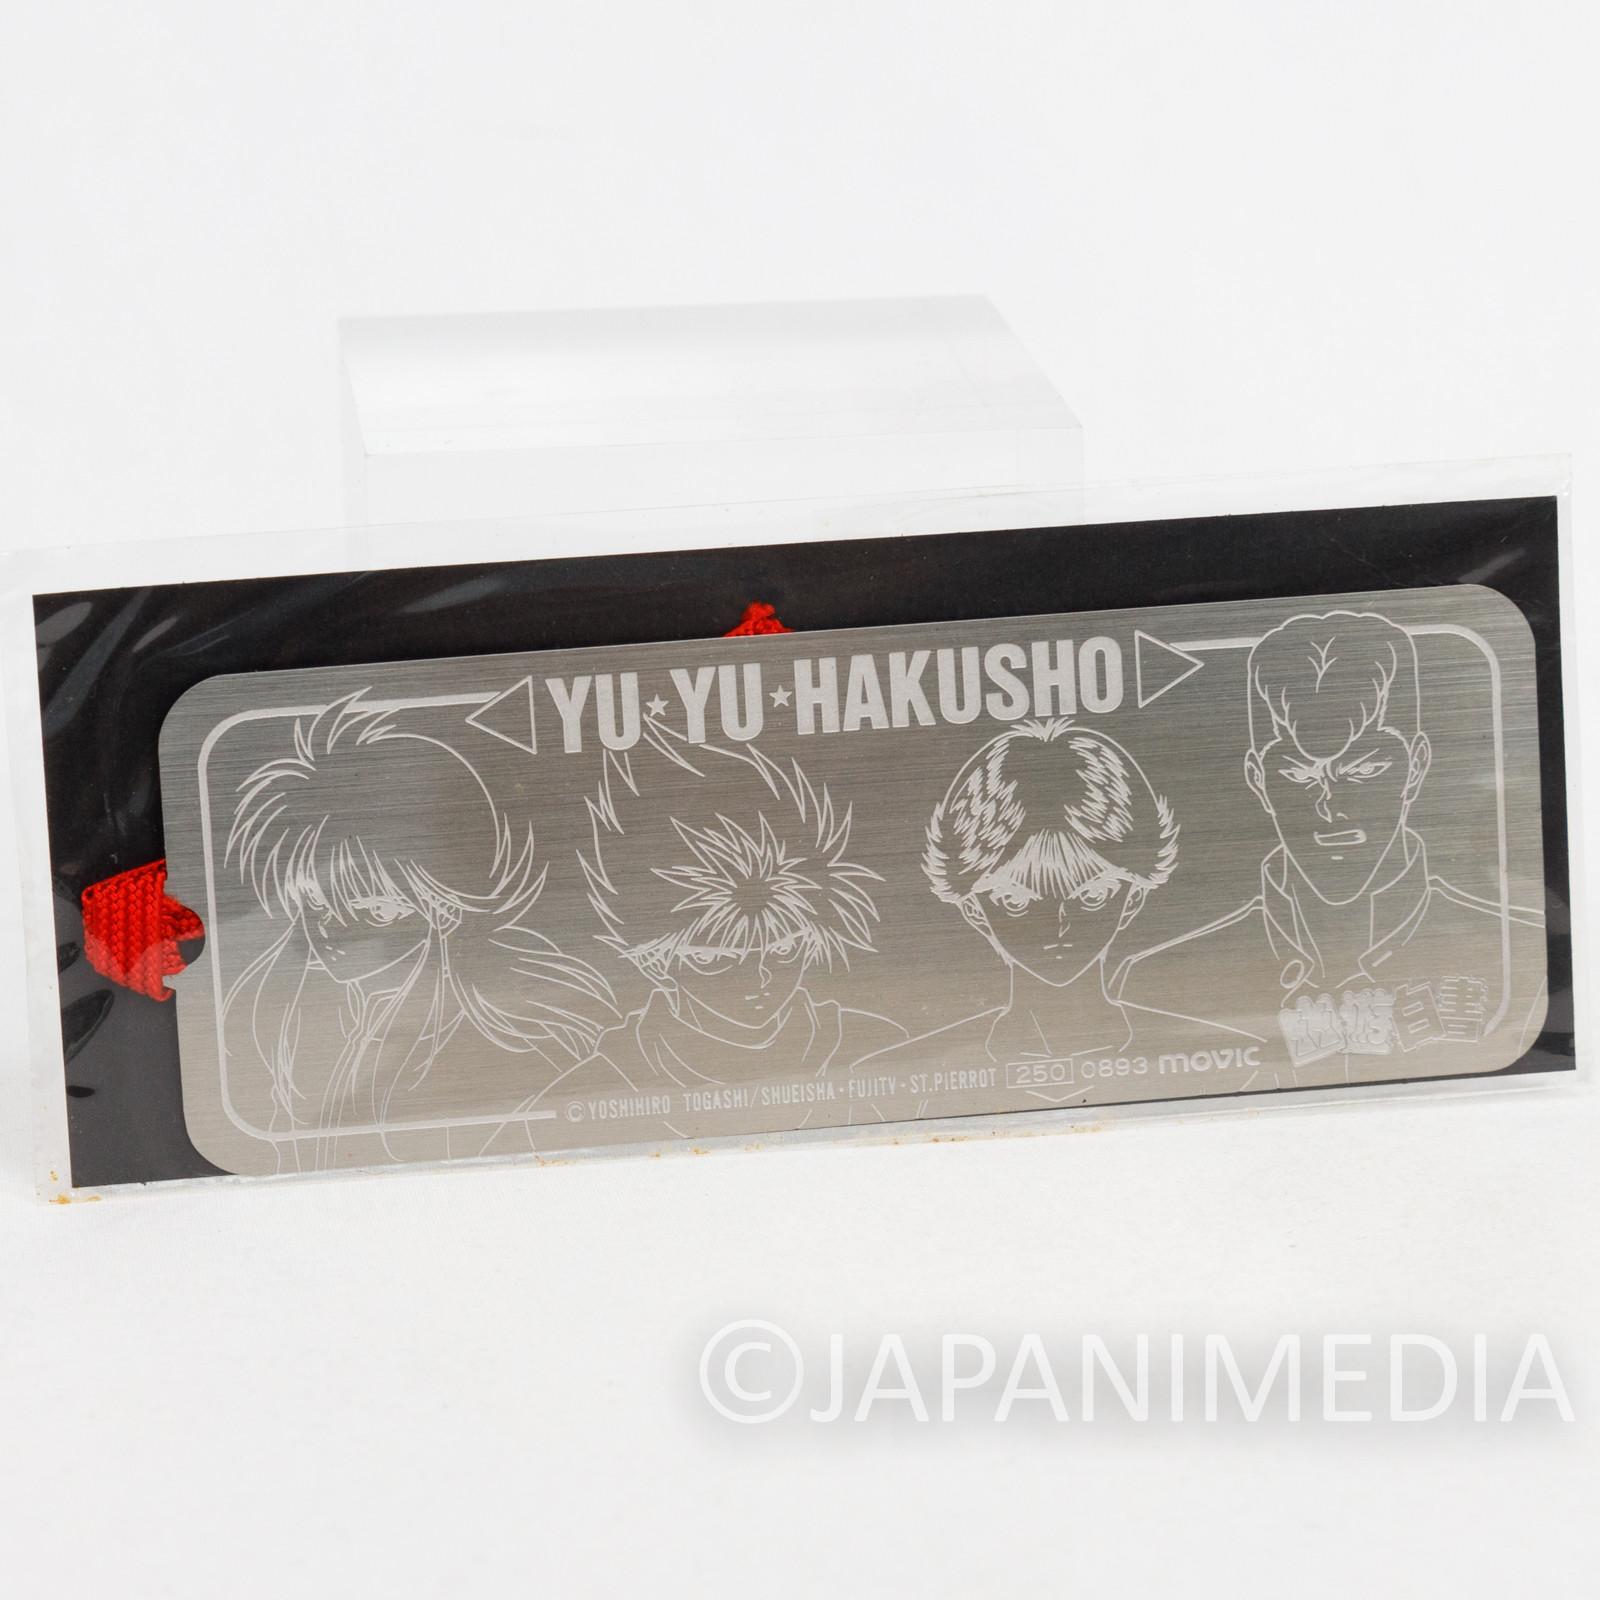 Yu Yu Hakusho Metal Bookmarker Yusuke / Kuwabara / Kurama / Hiei